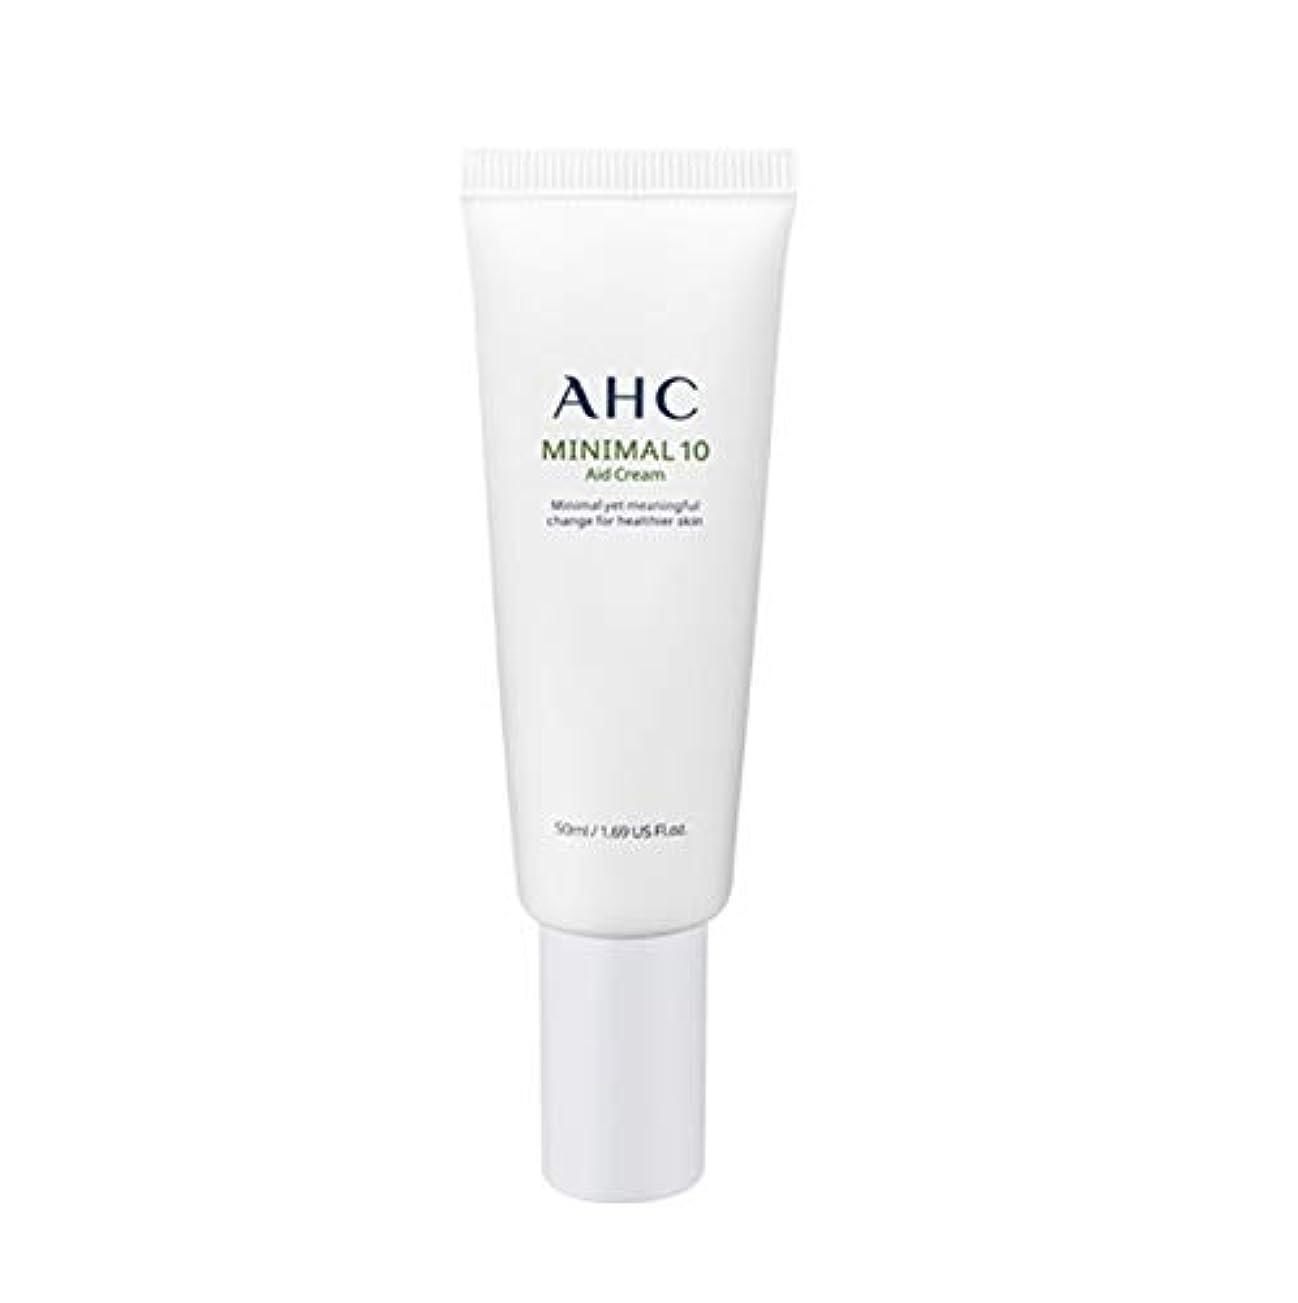 ミトン続ける利点AHC ミニマル10エイドクリーム 50ml / AHC MINIMAL 10 AID CREAM 50ml [並行輸入品]